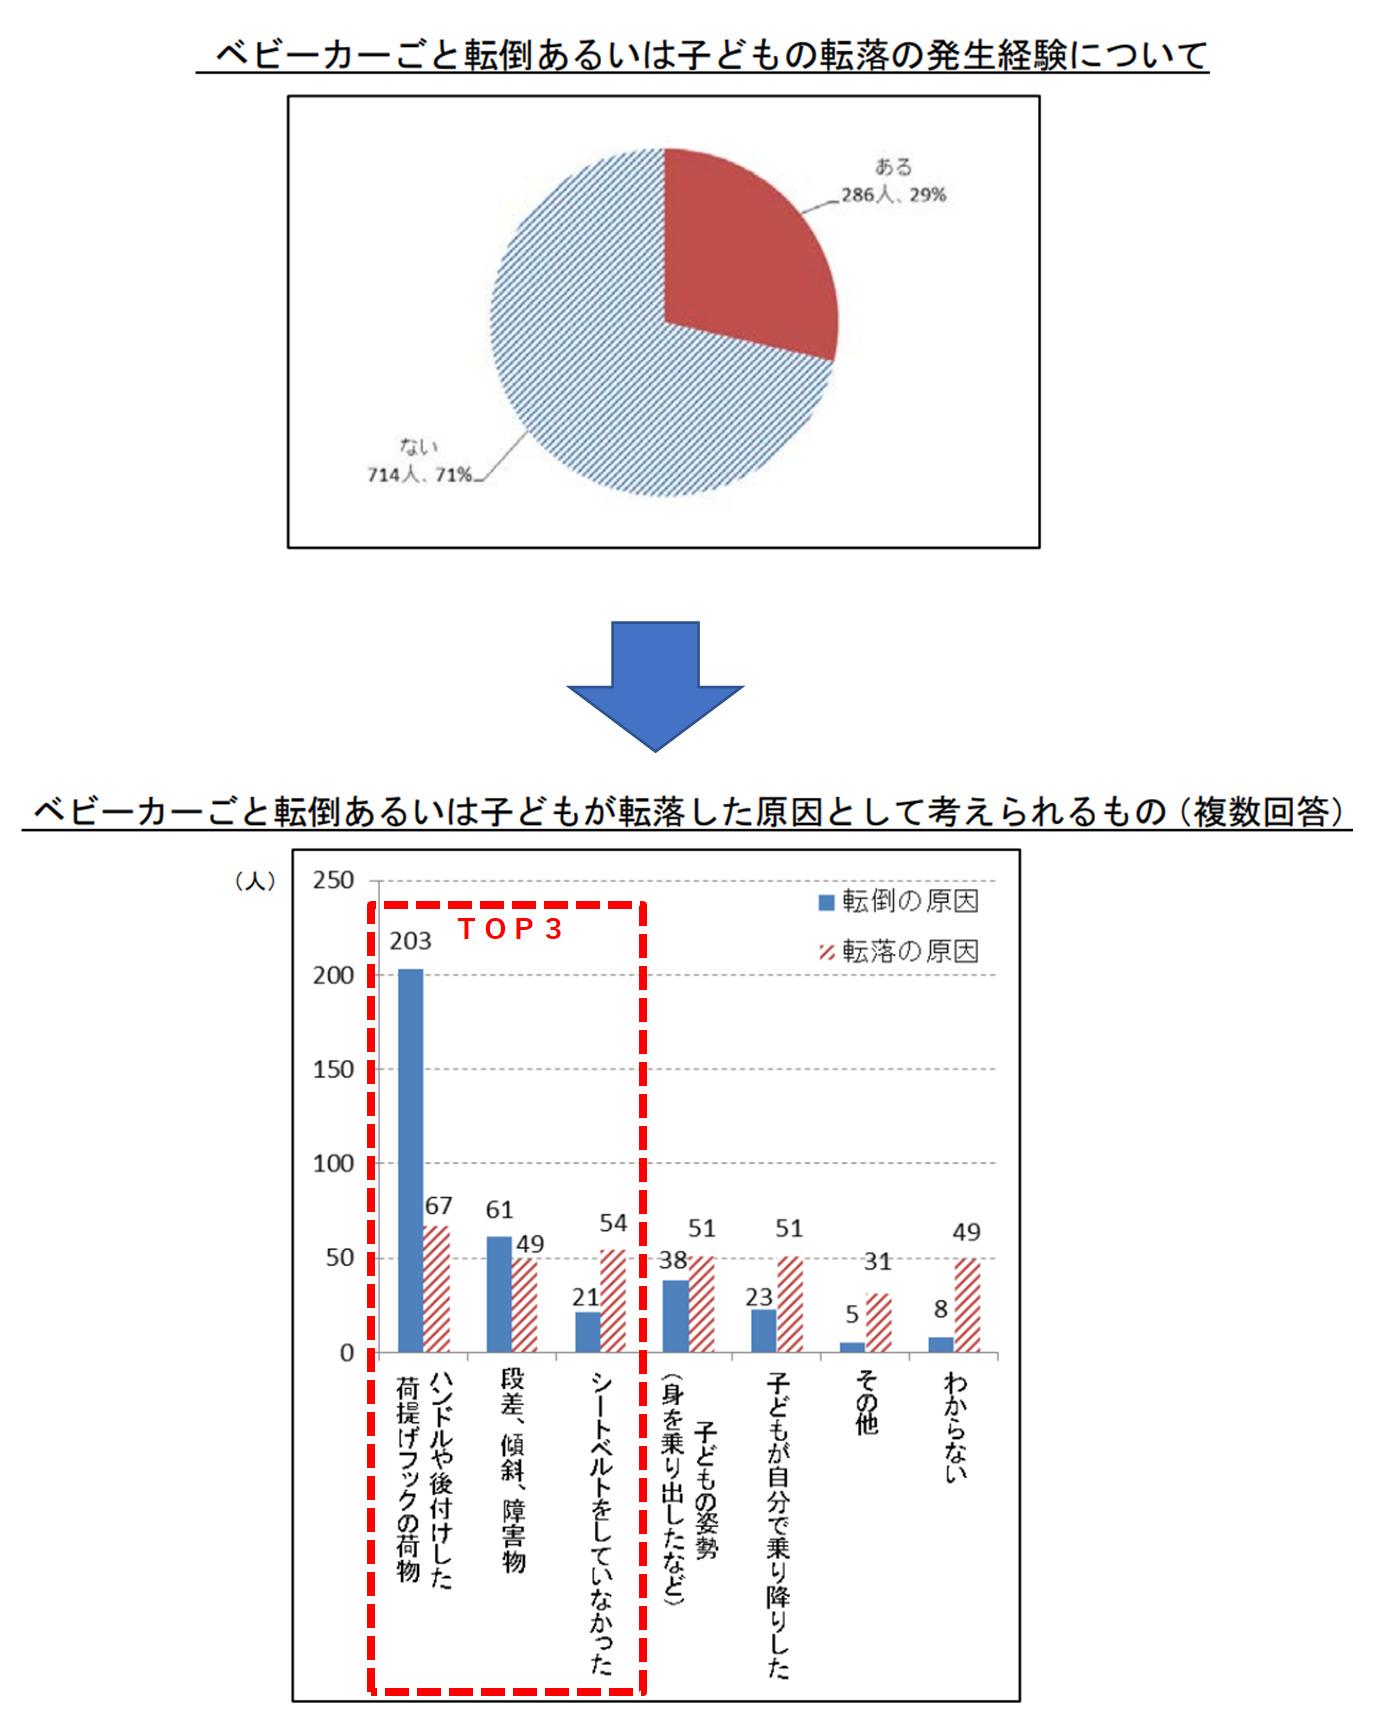 ベビーカーがどういった原因で転倒するのかを調査したグラフが記載されている。